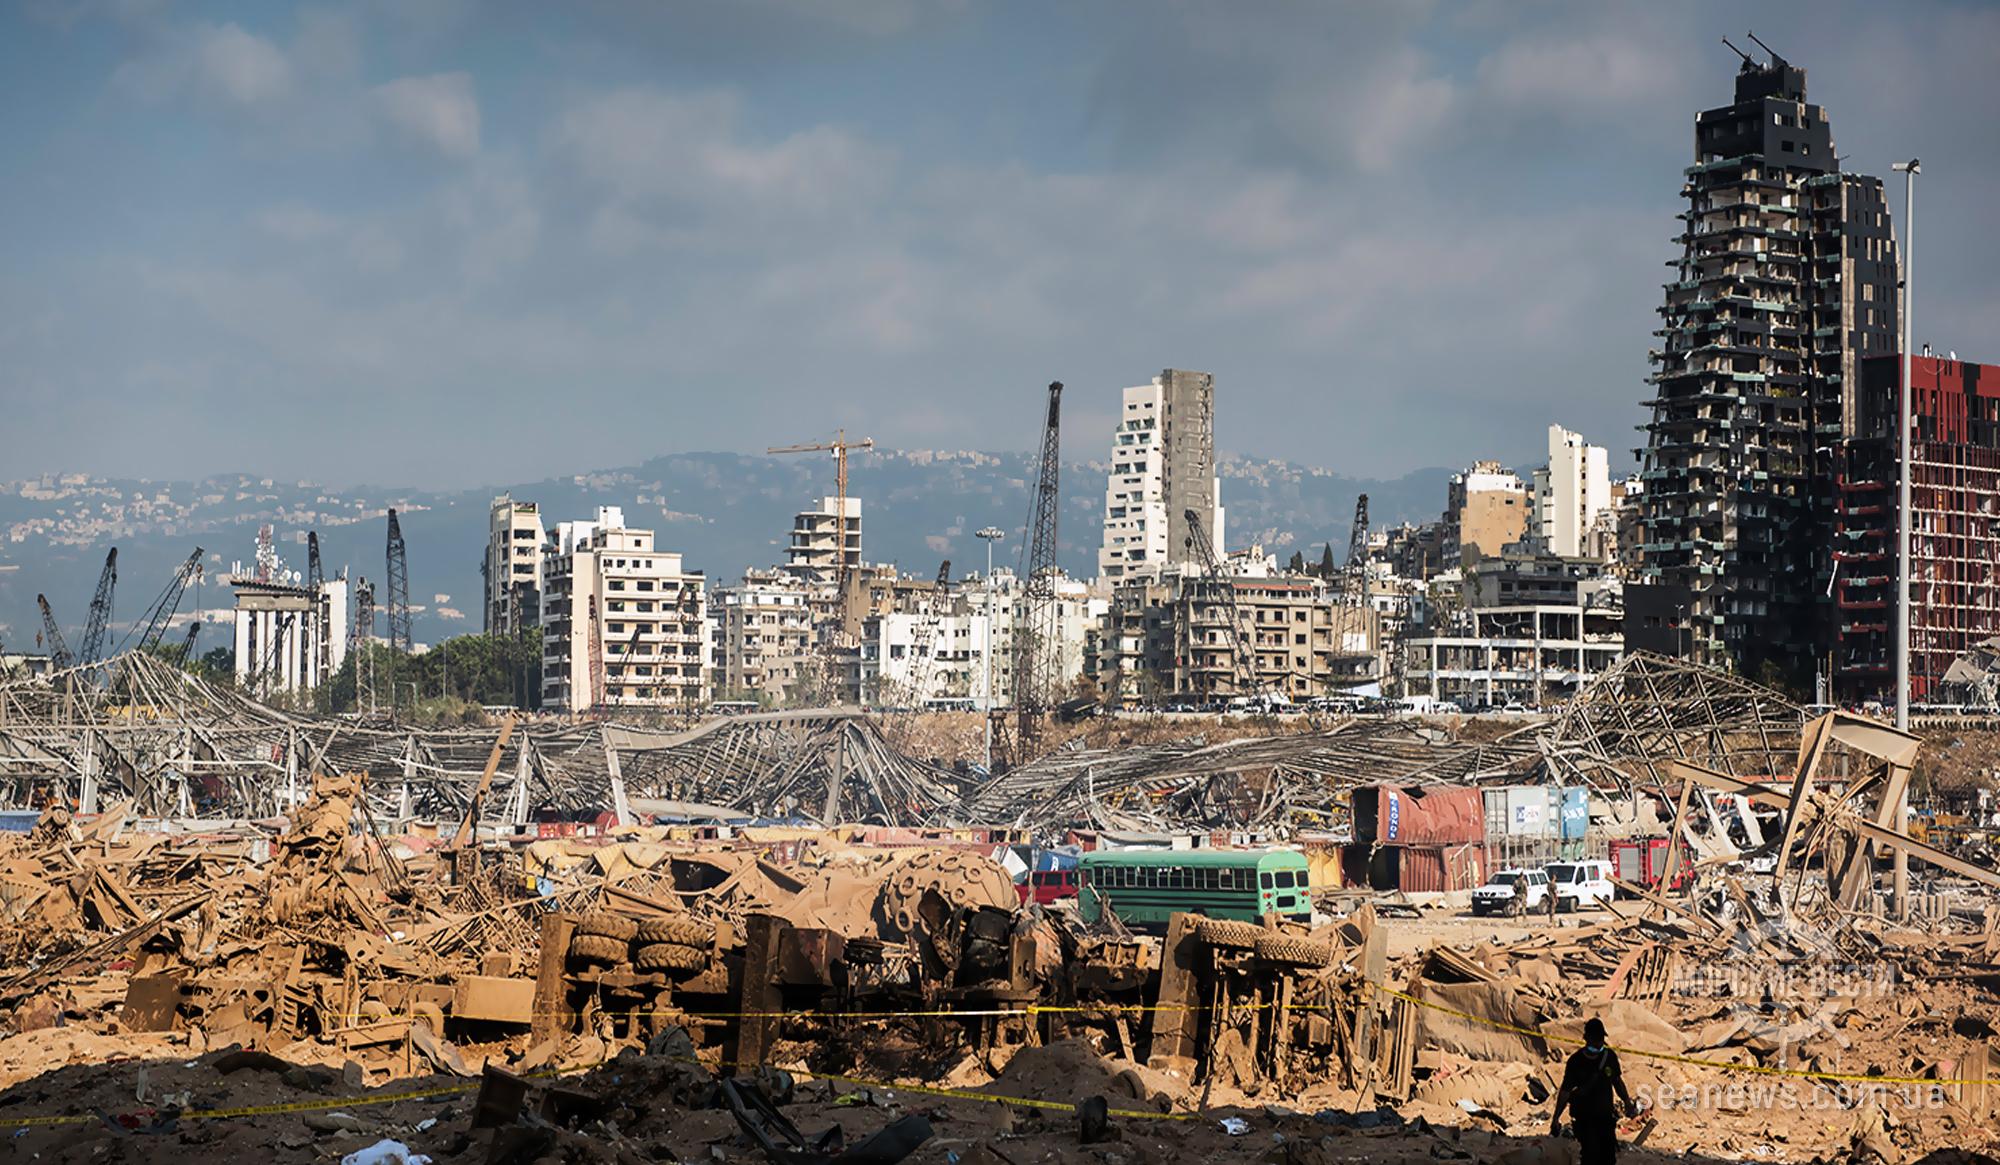 «Украинская страховая группа» выплатила $1,33 млн. за груз пшеницы, поврежденный взрывом в порту Бейрута